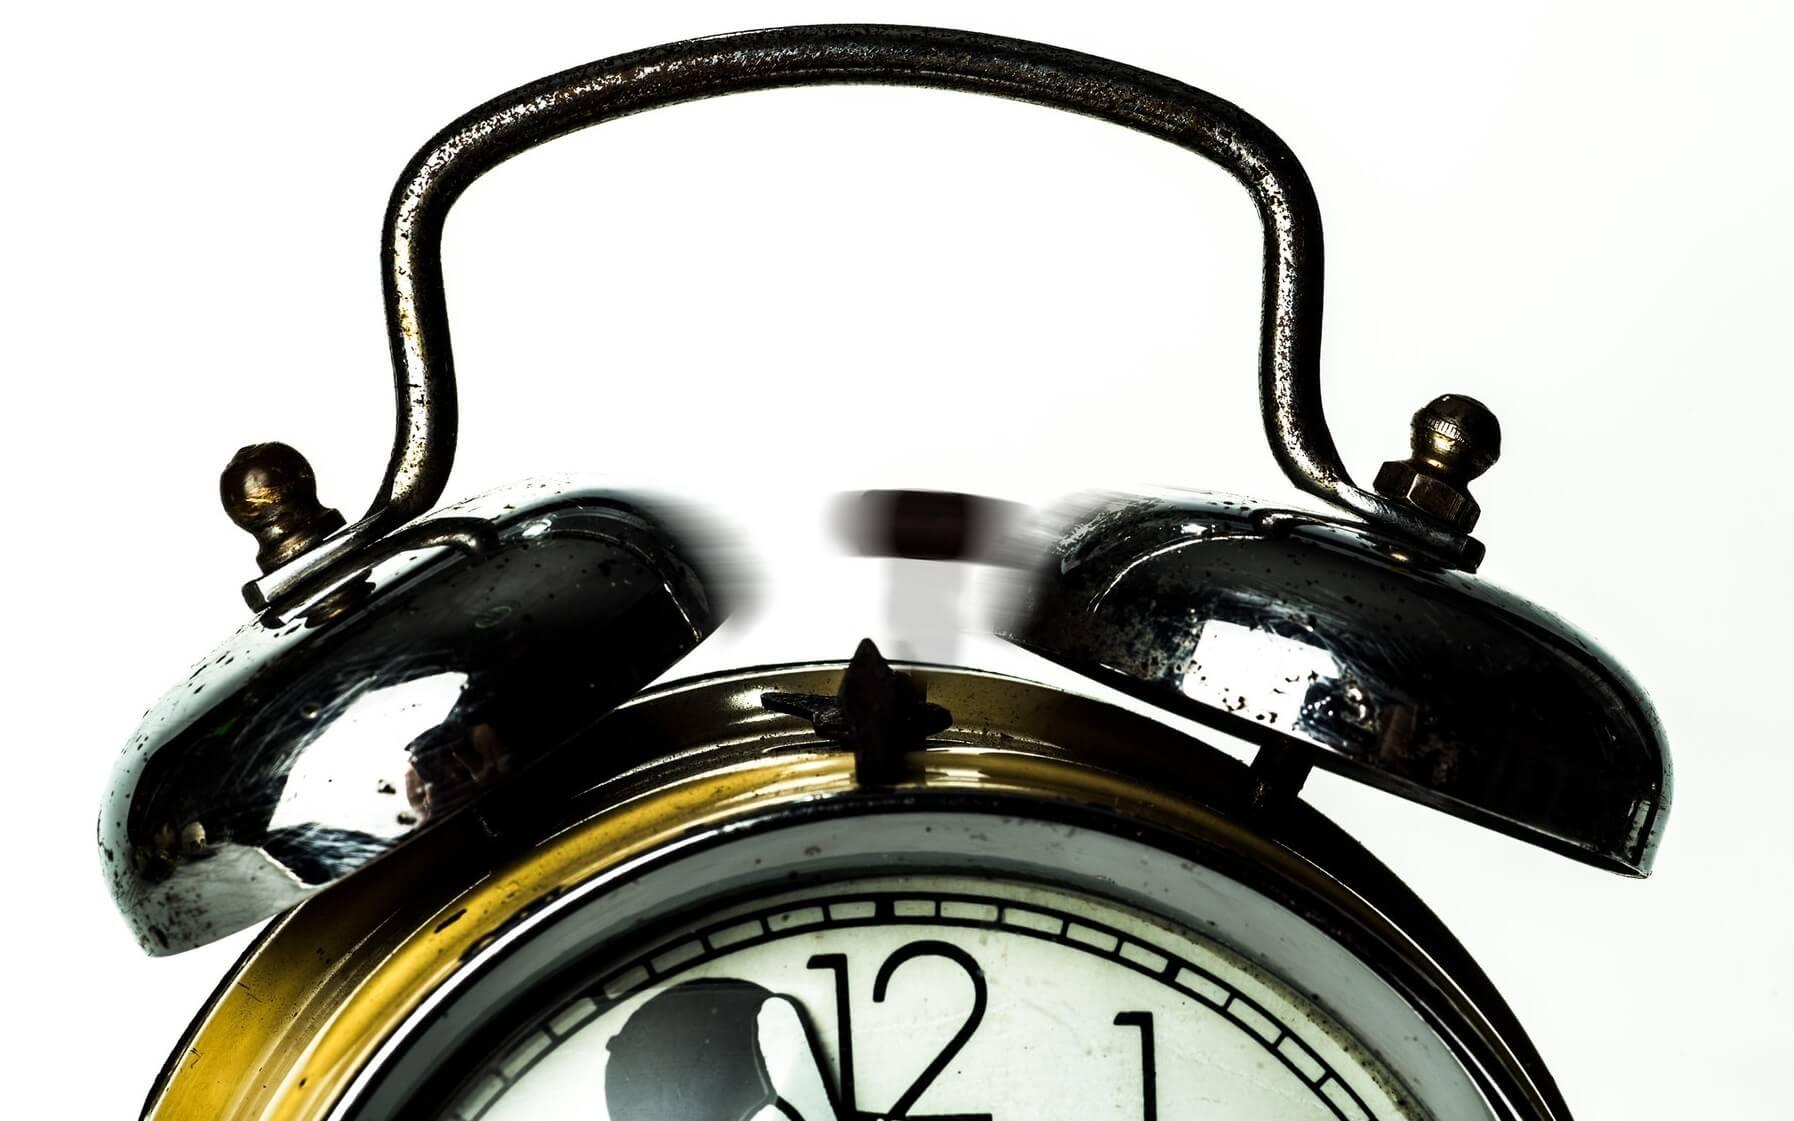 analogue-alarm-clock